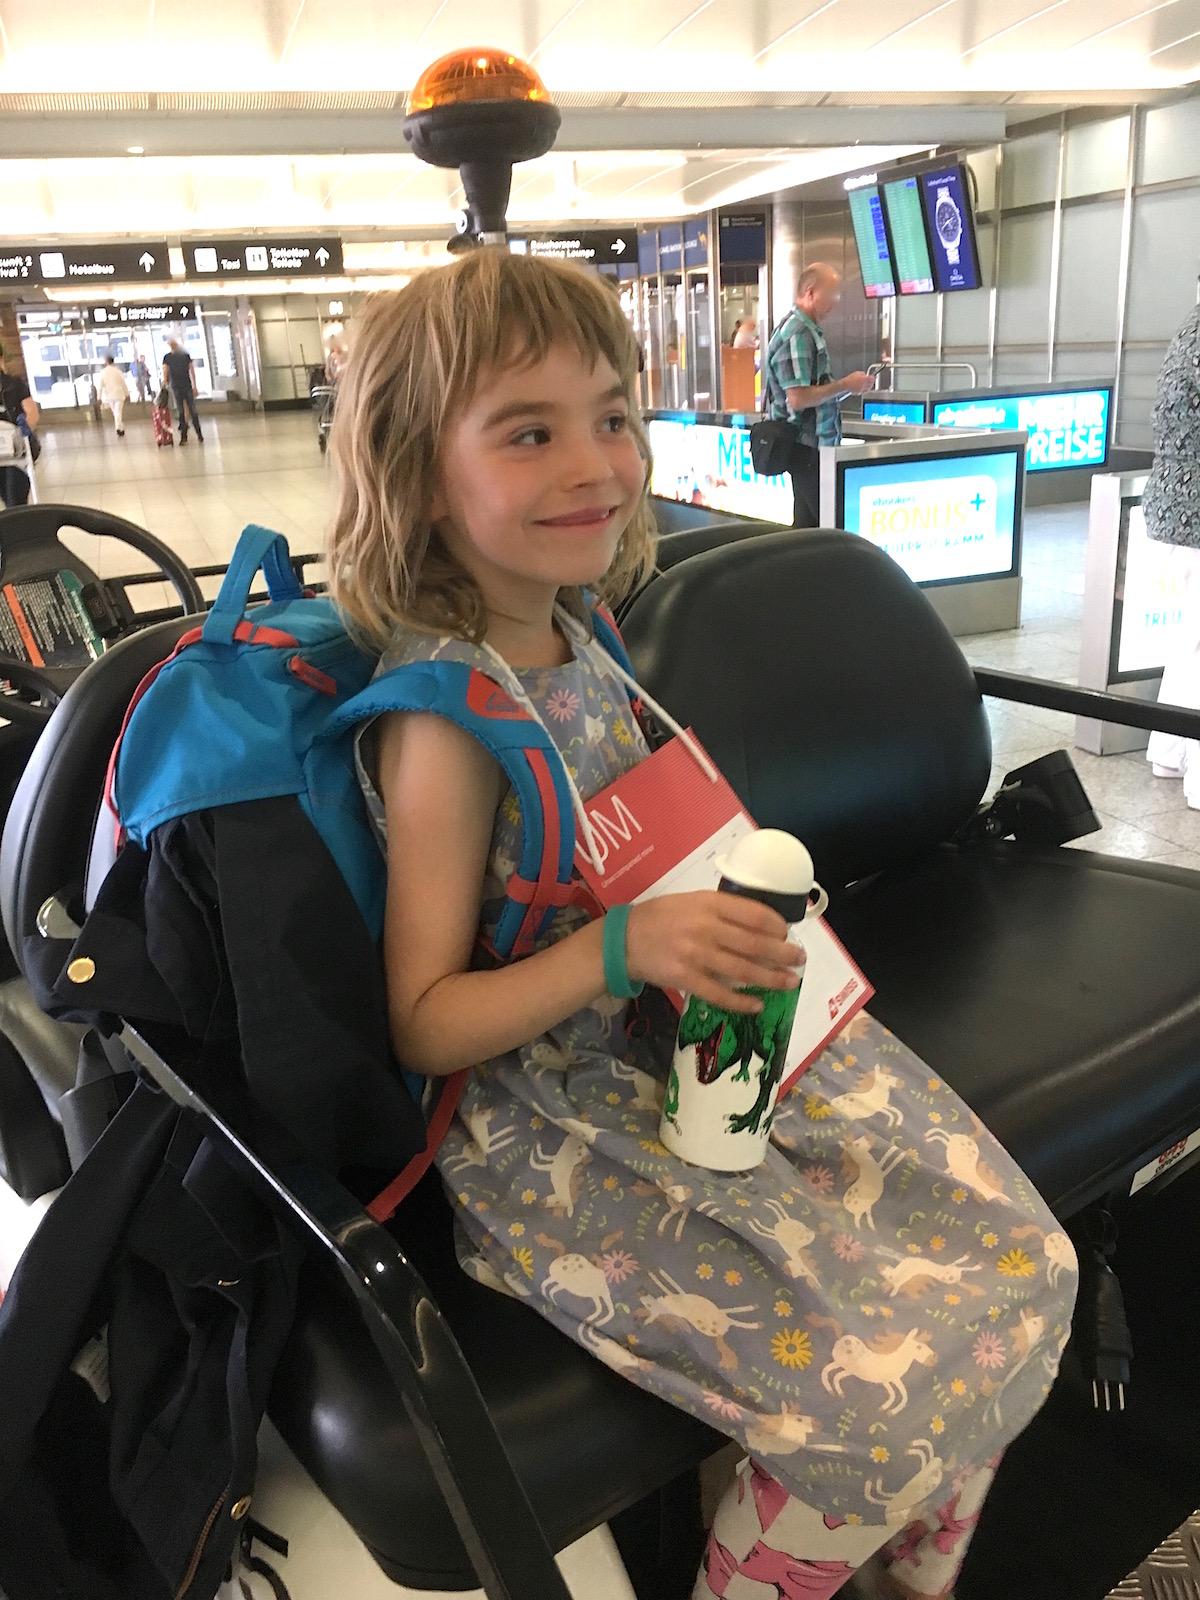 Kinder swiss alleinreisende Allgemeine Informationen: